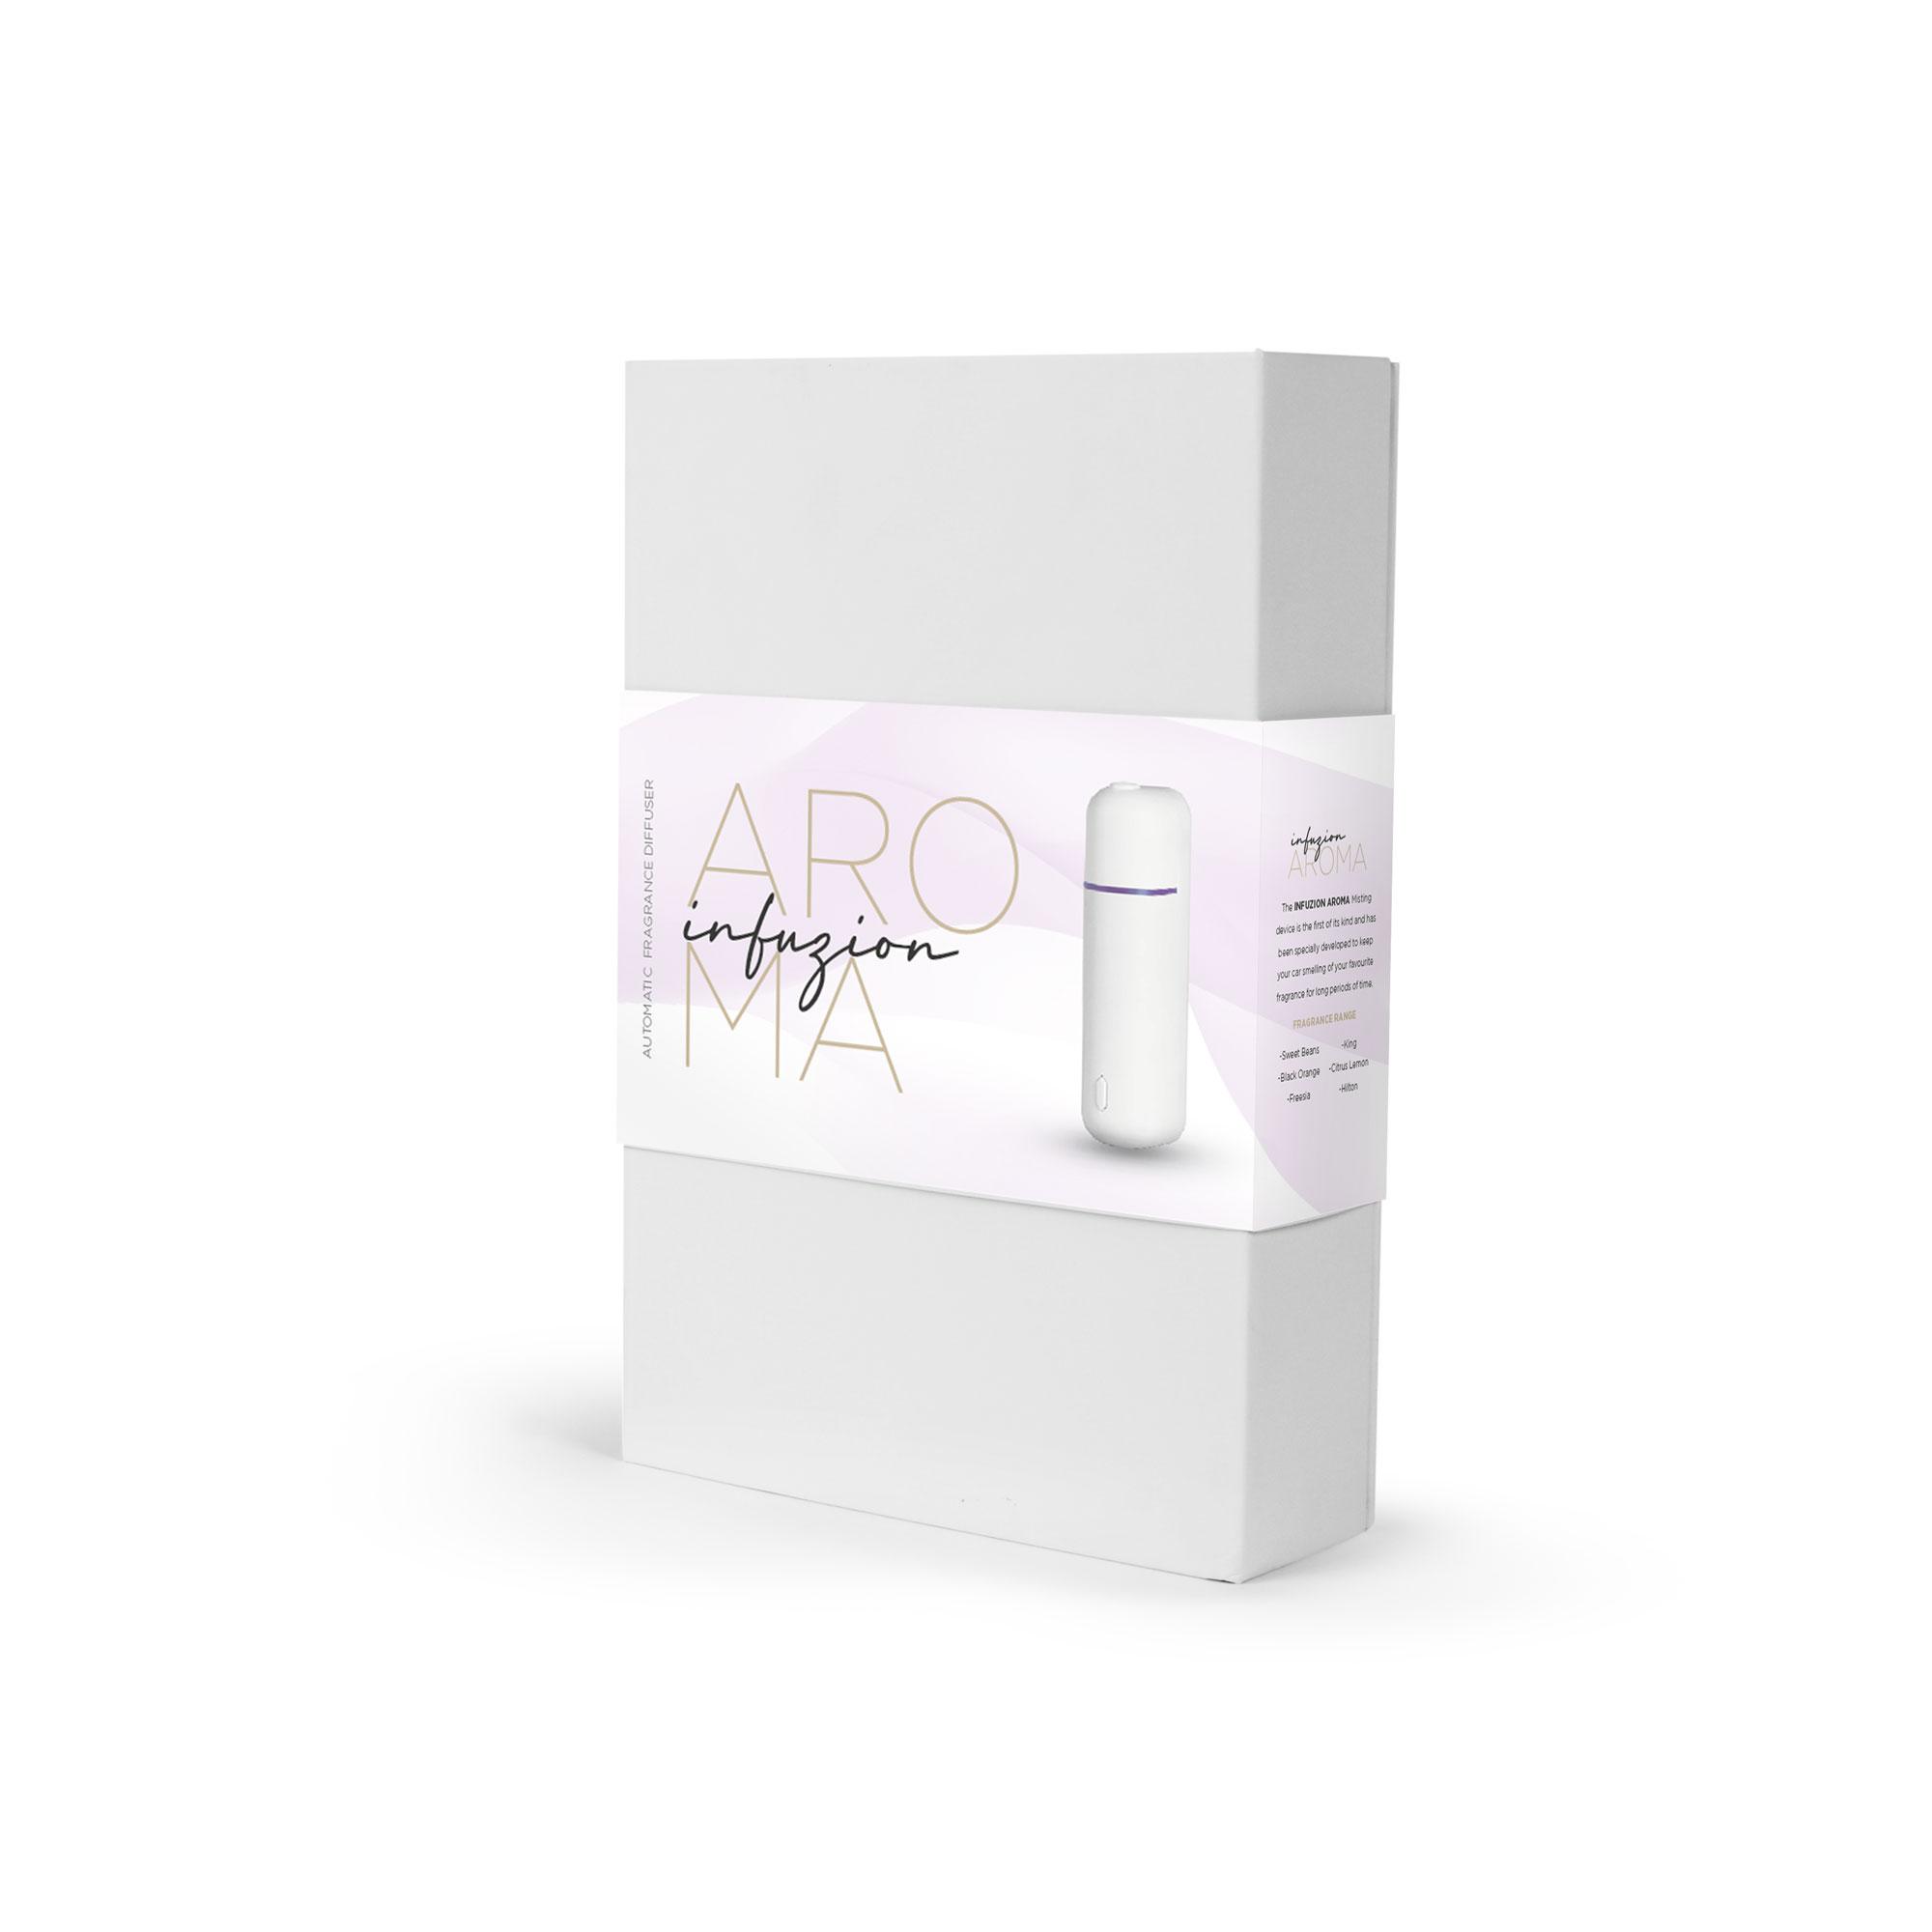 AROMA-Packaging-Mockup.jpg